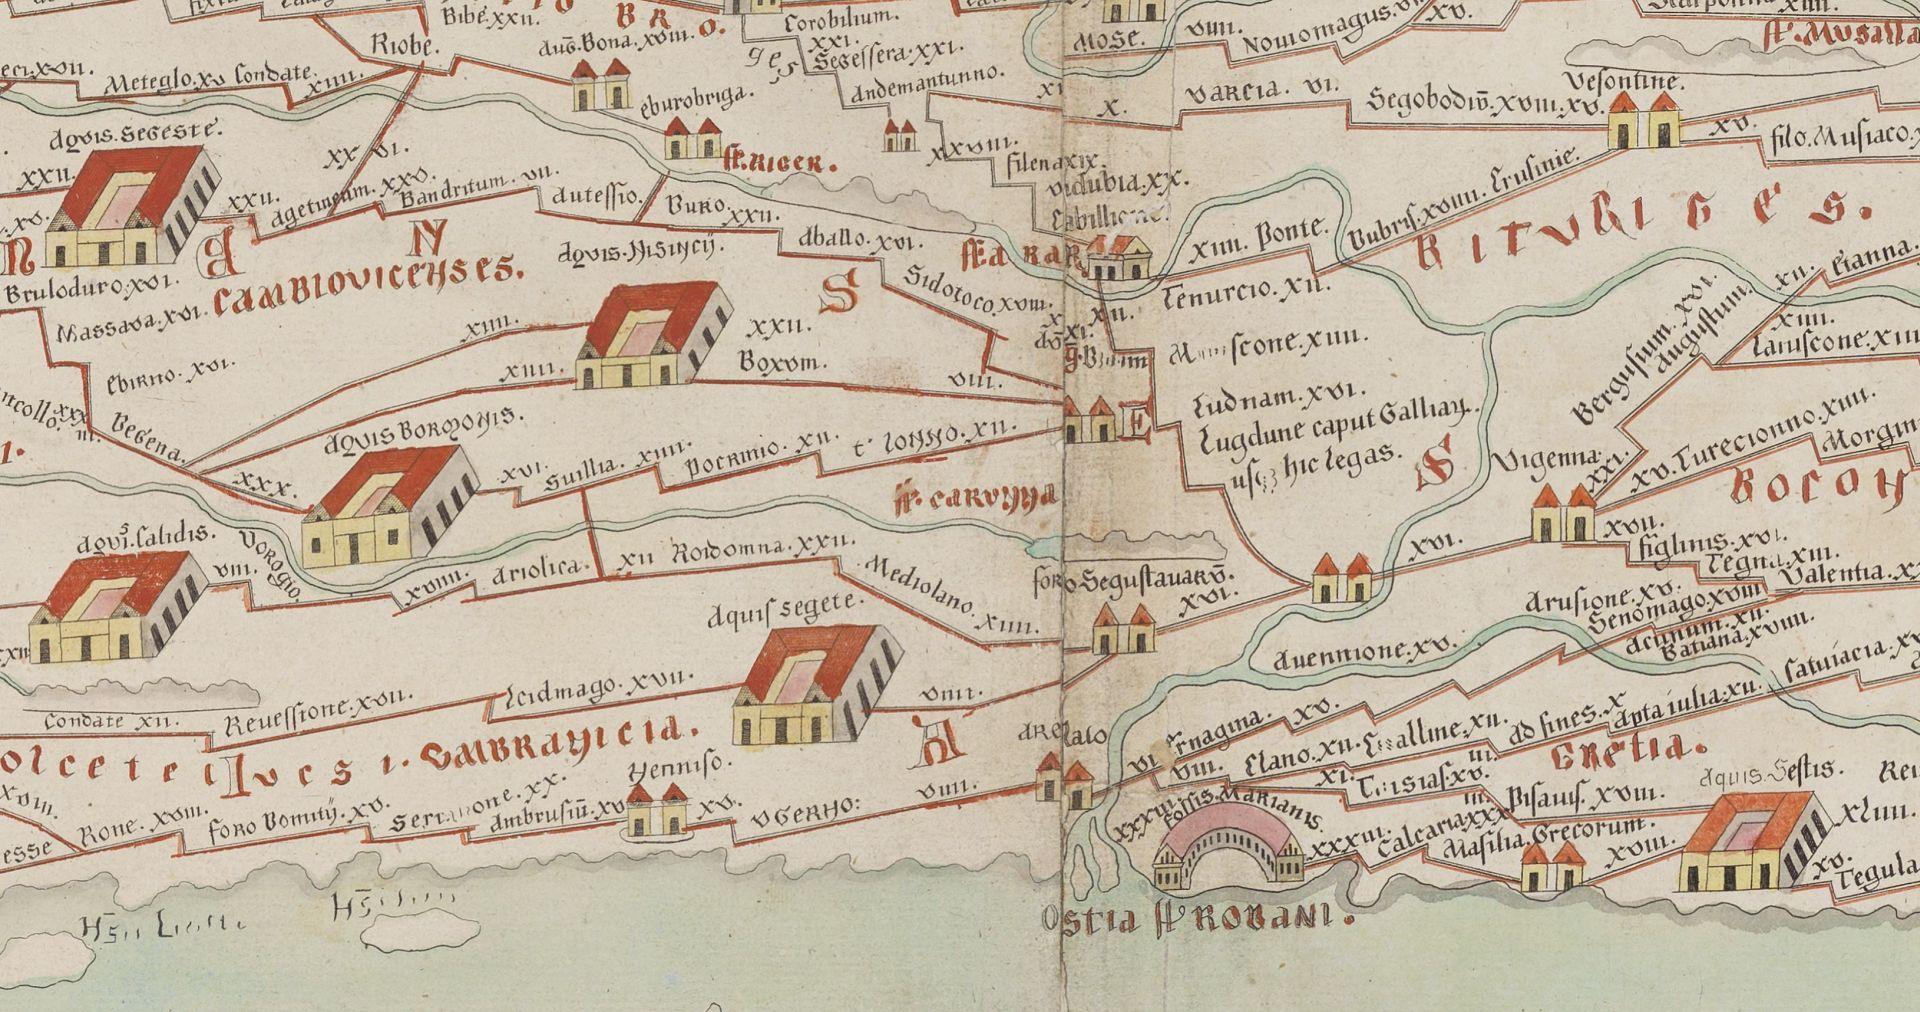 Voies romaines au départ de Lyon (table de Peutinger)